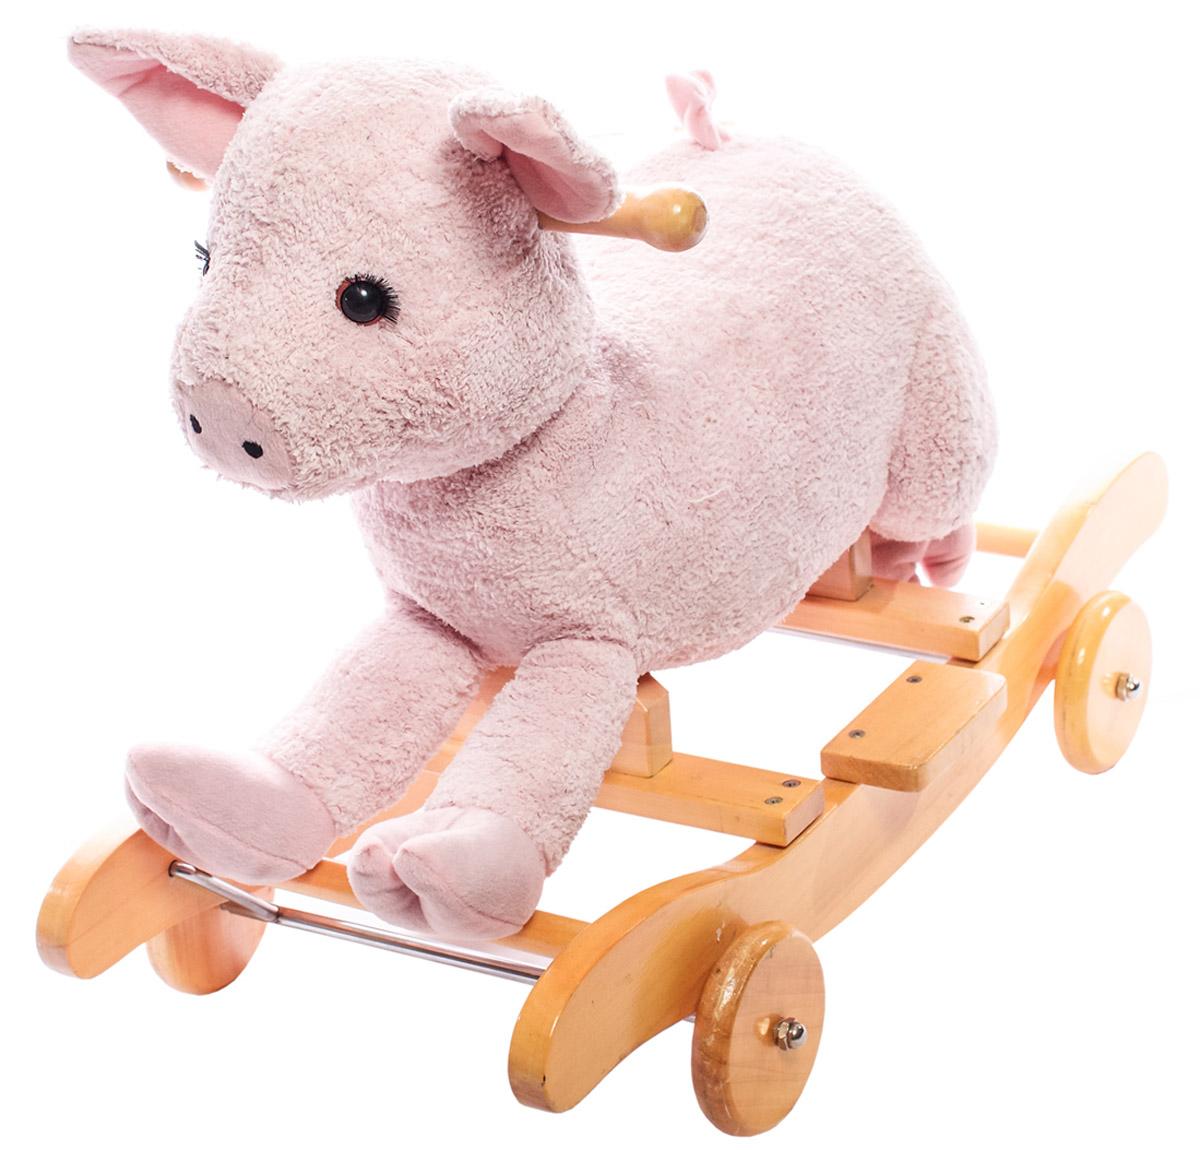 Toyland Качалка ПоросенокТТ00610W-181Оригинальный дизайн в виде лошадки не оставит равнодушным вашего малыша. А продуманная конструкция и безопасные материалы сделают игру незабываемой.